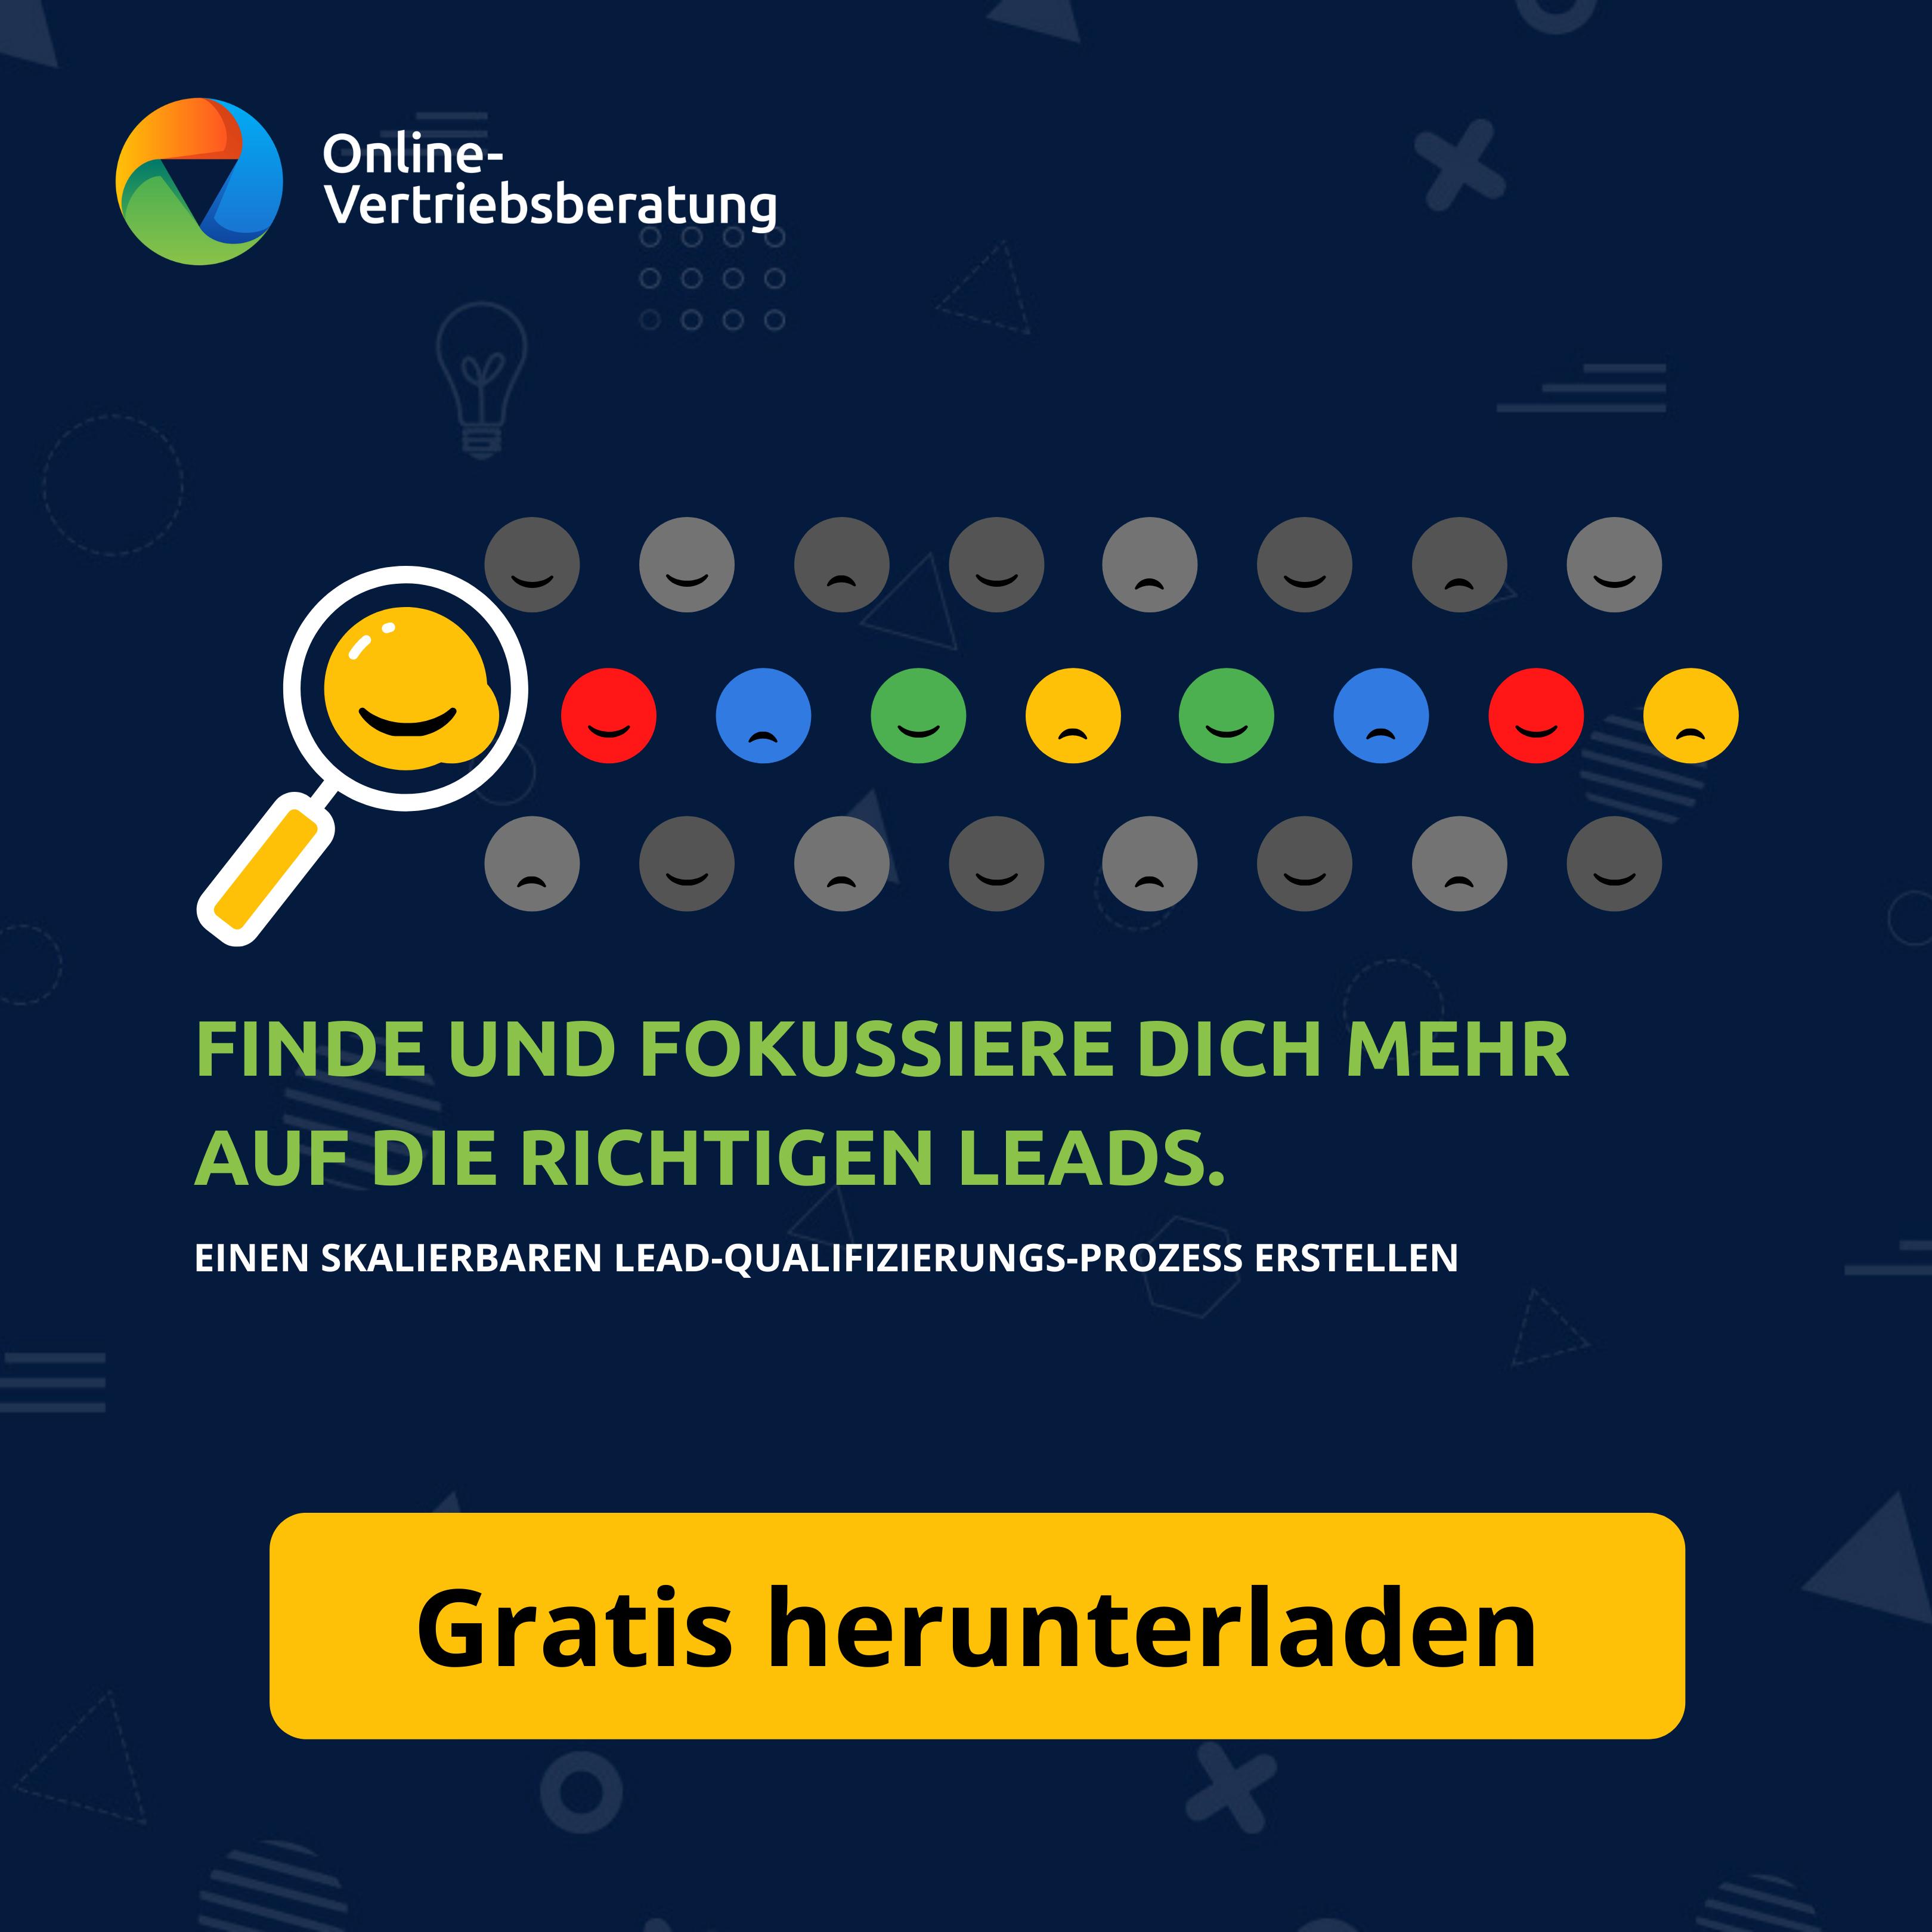 Online-Vertriebsberatung | Lead Qualifizierungsprozess - E-Book: Finde und fokussiere dich mehr auf die richtigen Lead und erstelle eine skalierbaren Lead Qualifizierungsprozess